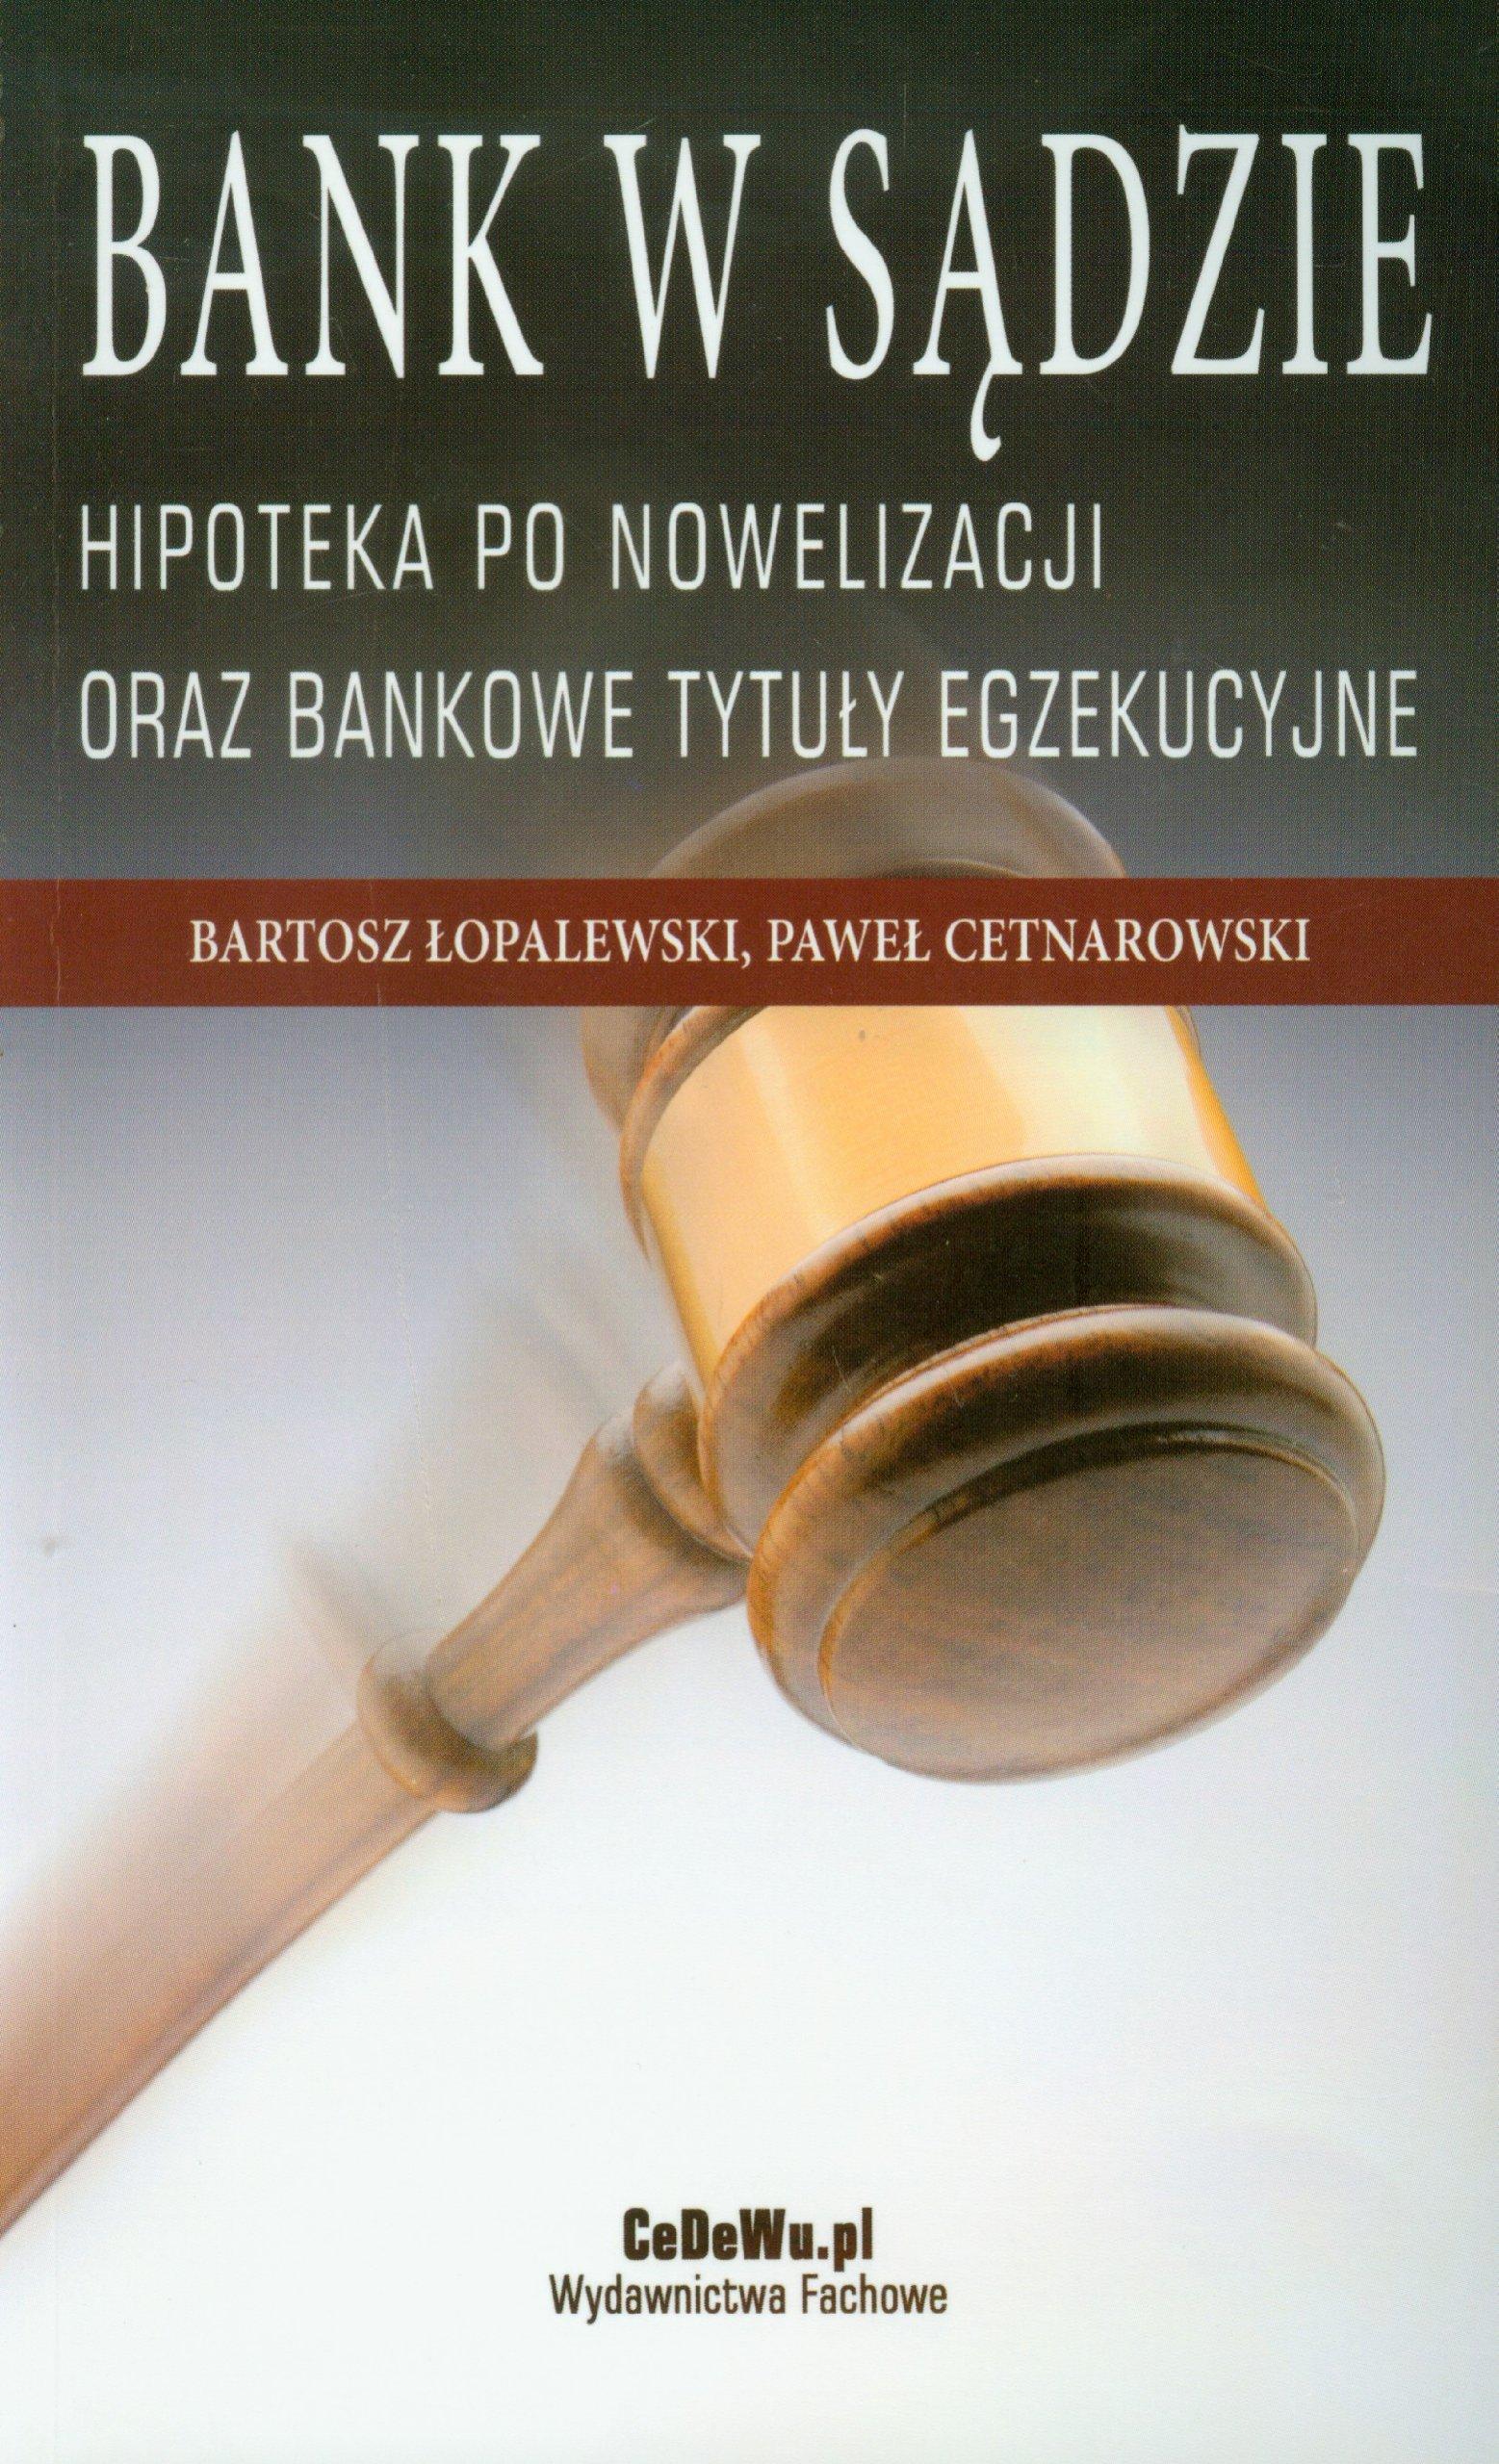 Bank w sadzie Hipoteka po nowelizacji oraz bankowe tytuly egzekucyjne PDF